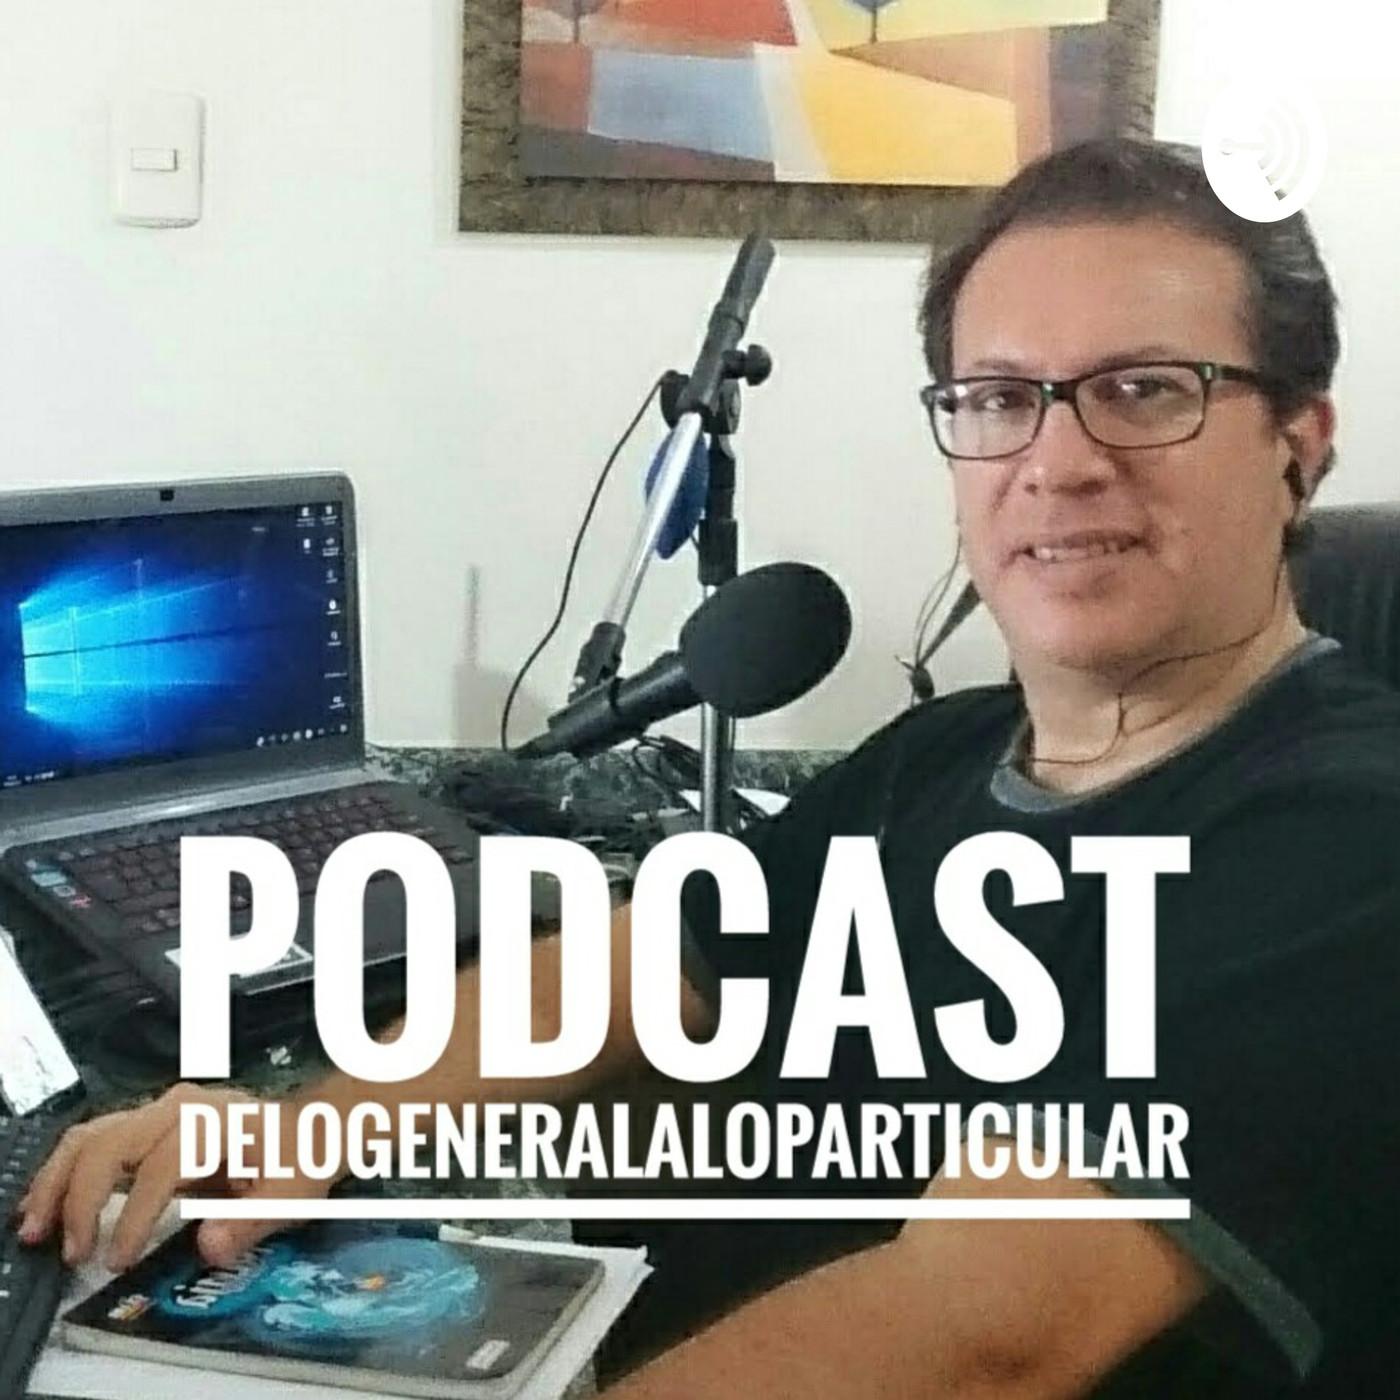 Origen del nombre del podcast